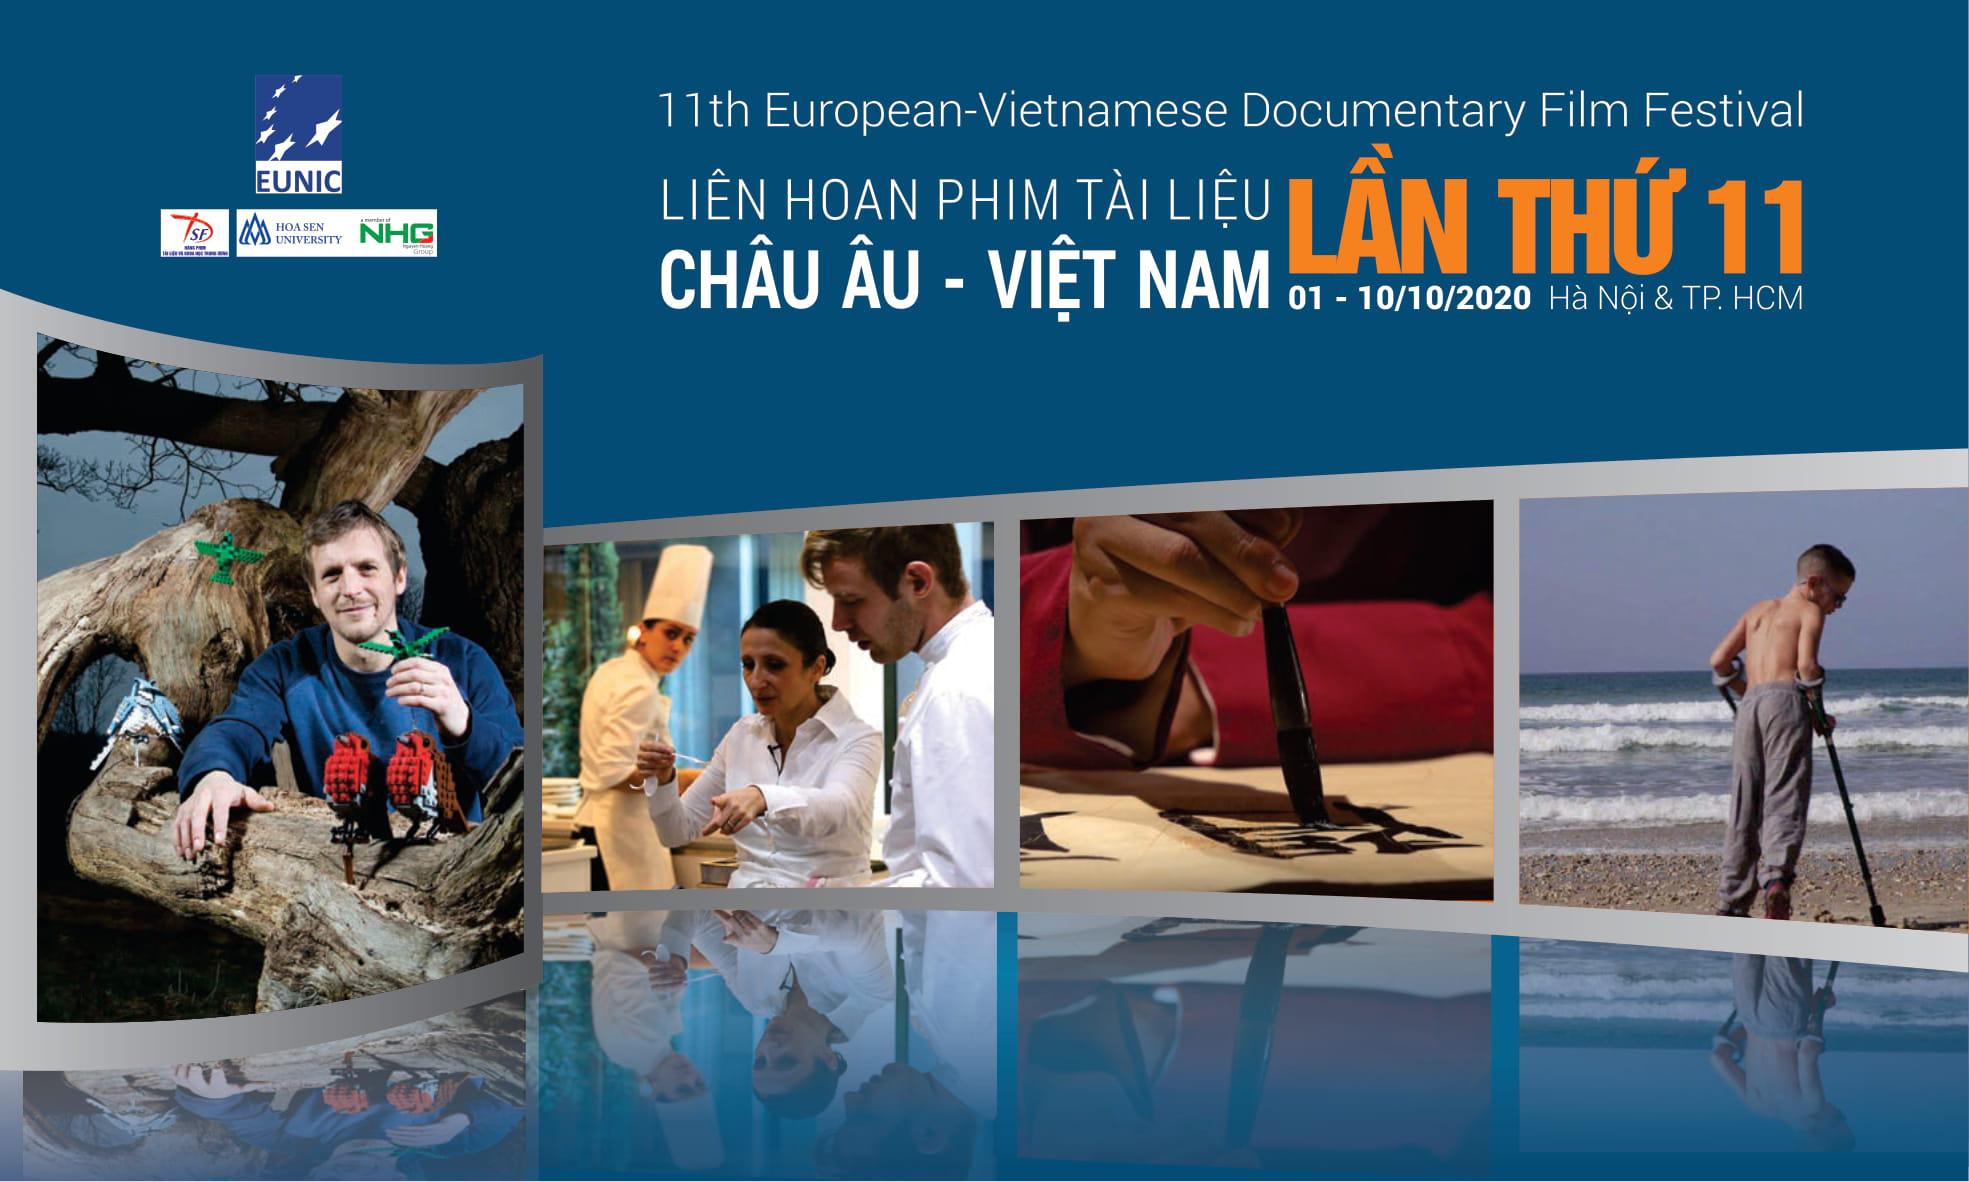 Nhiều tác phẩm đặc sắc được công bố trong Liên hoan phim Tài liệu Châu Âu – Việt Nam lần thứ 11 - Ảnh 1.